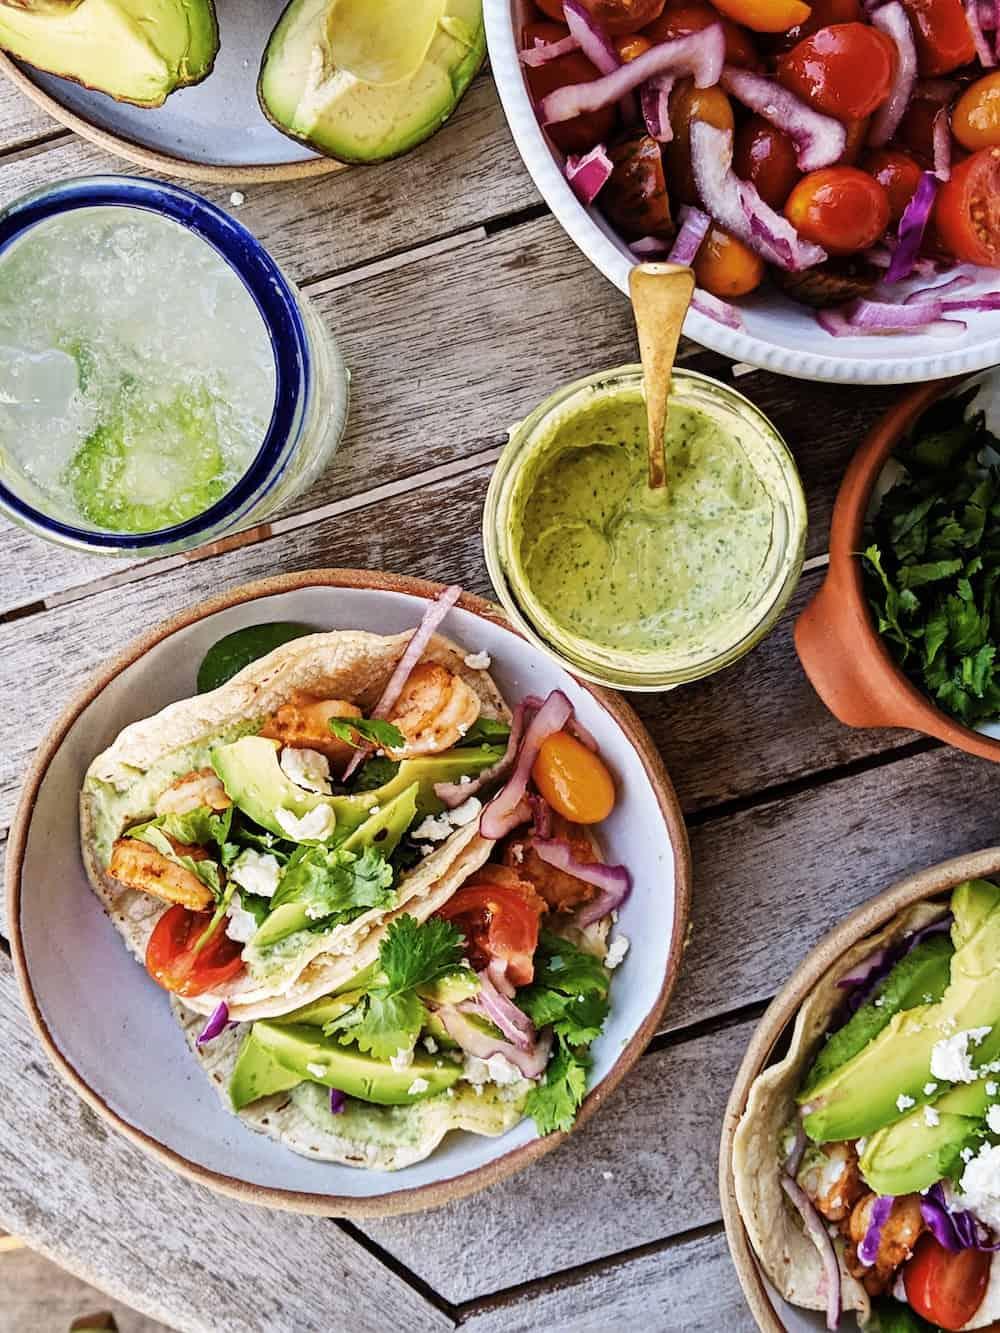 shrimp tacos with avocado sauce